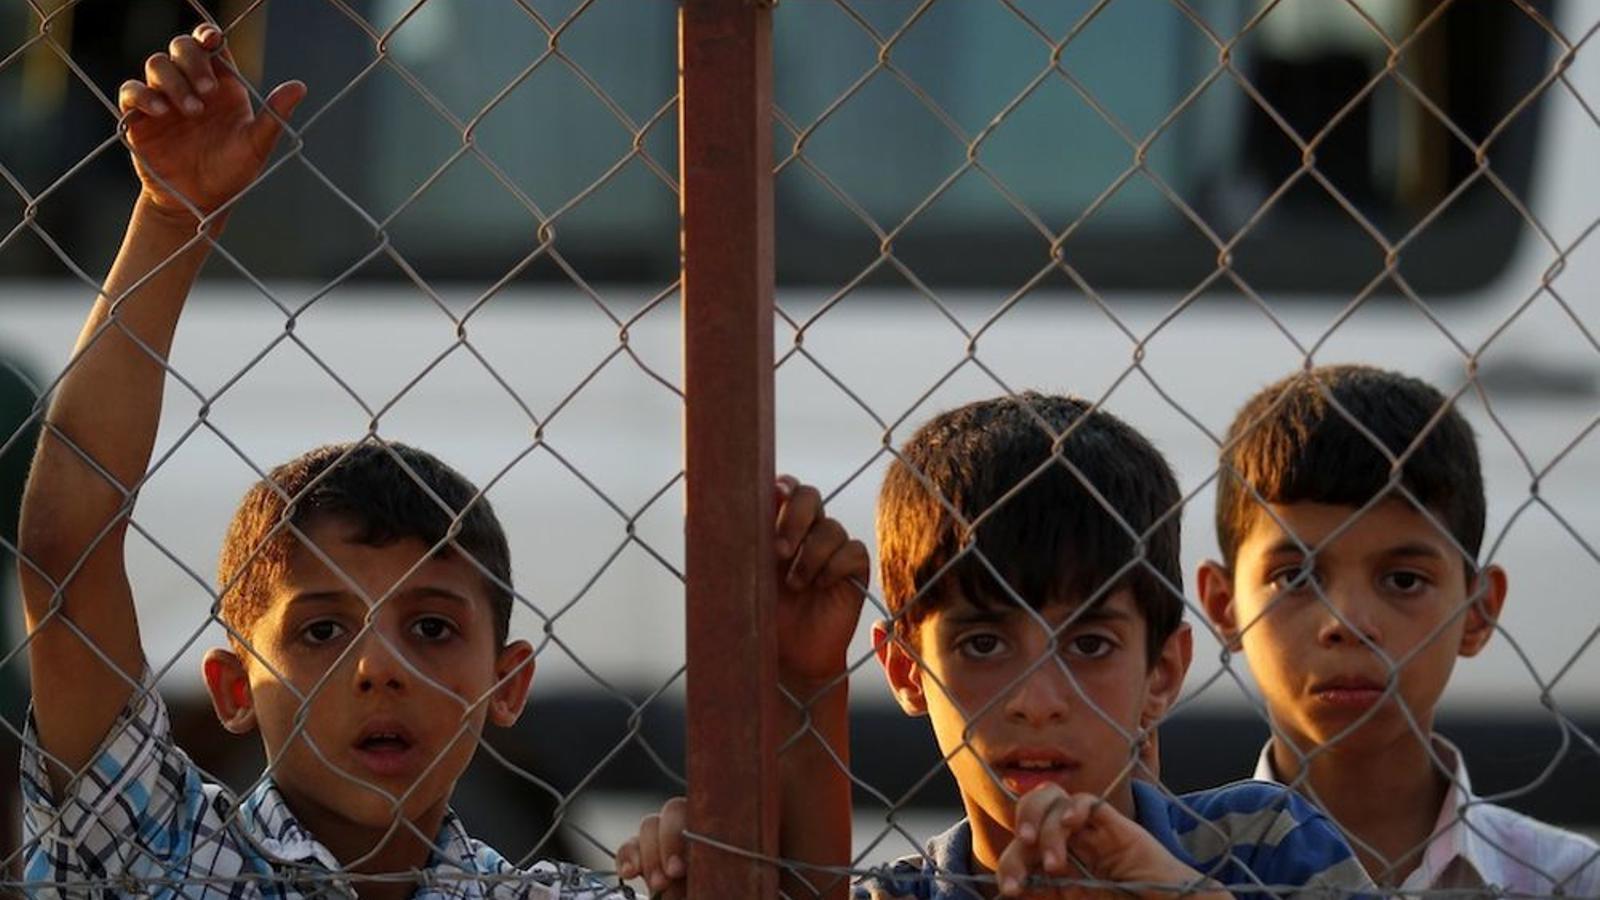 Uns joves refugiats sirians miren a fora des del camp de Reyhanli, a Turquia. Reuters